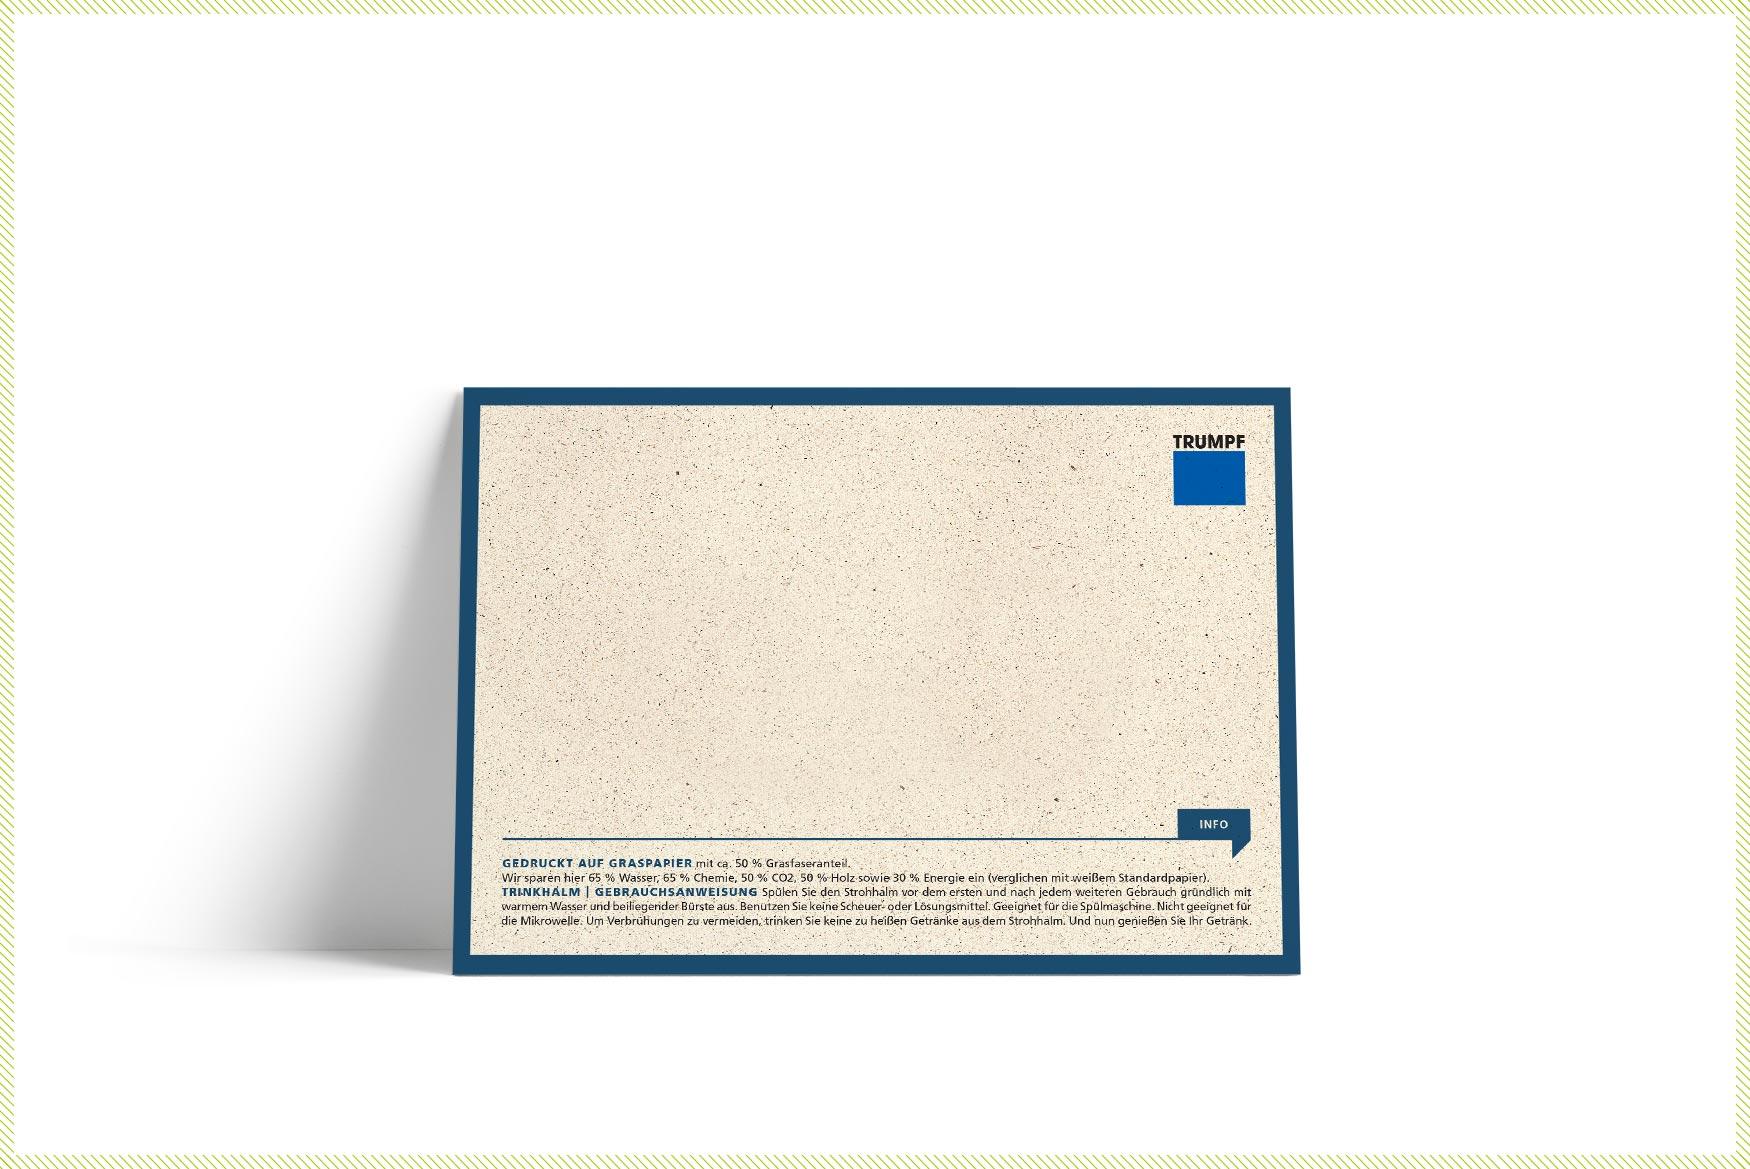 Postkarte-Design-TRUMPF-3-Designagentur-Stuttgart-Kreativbetrieb